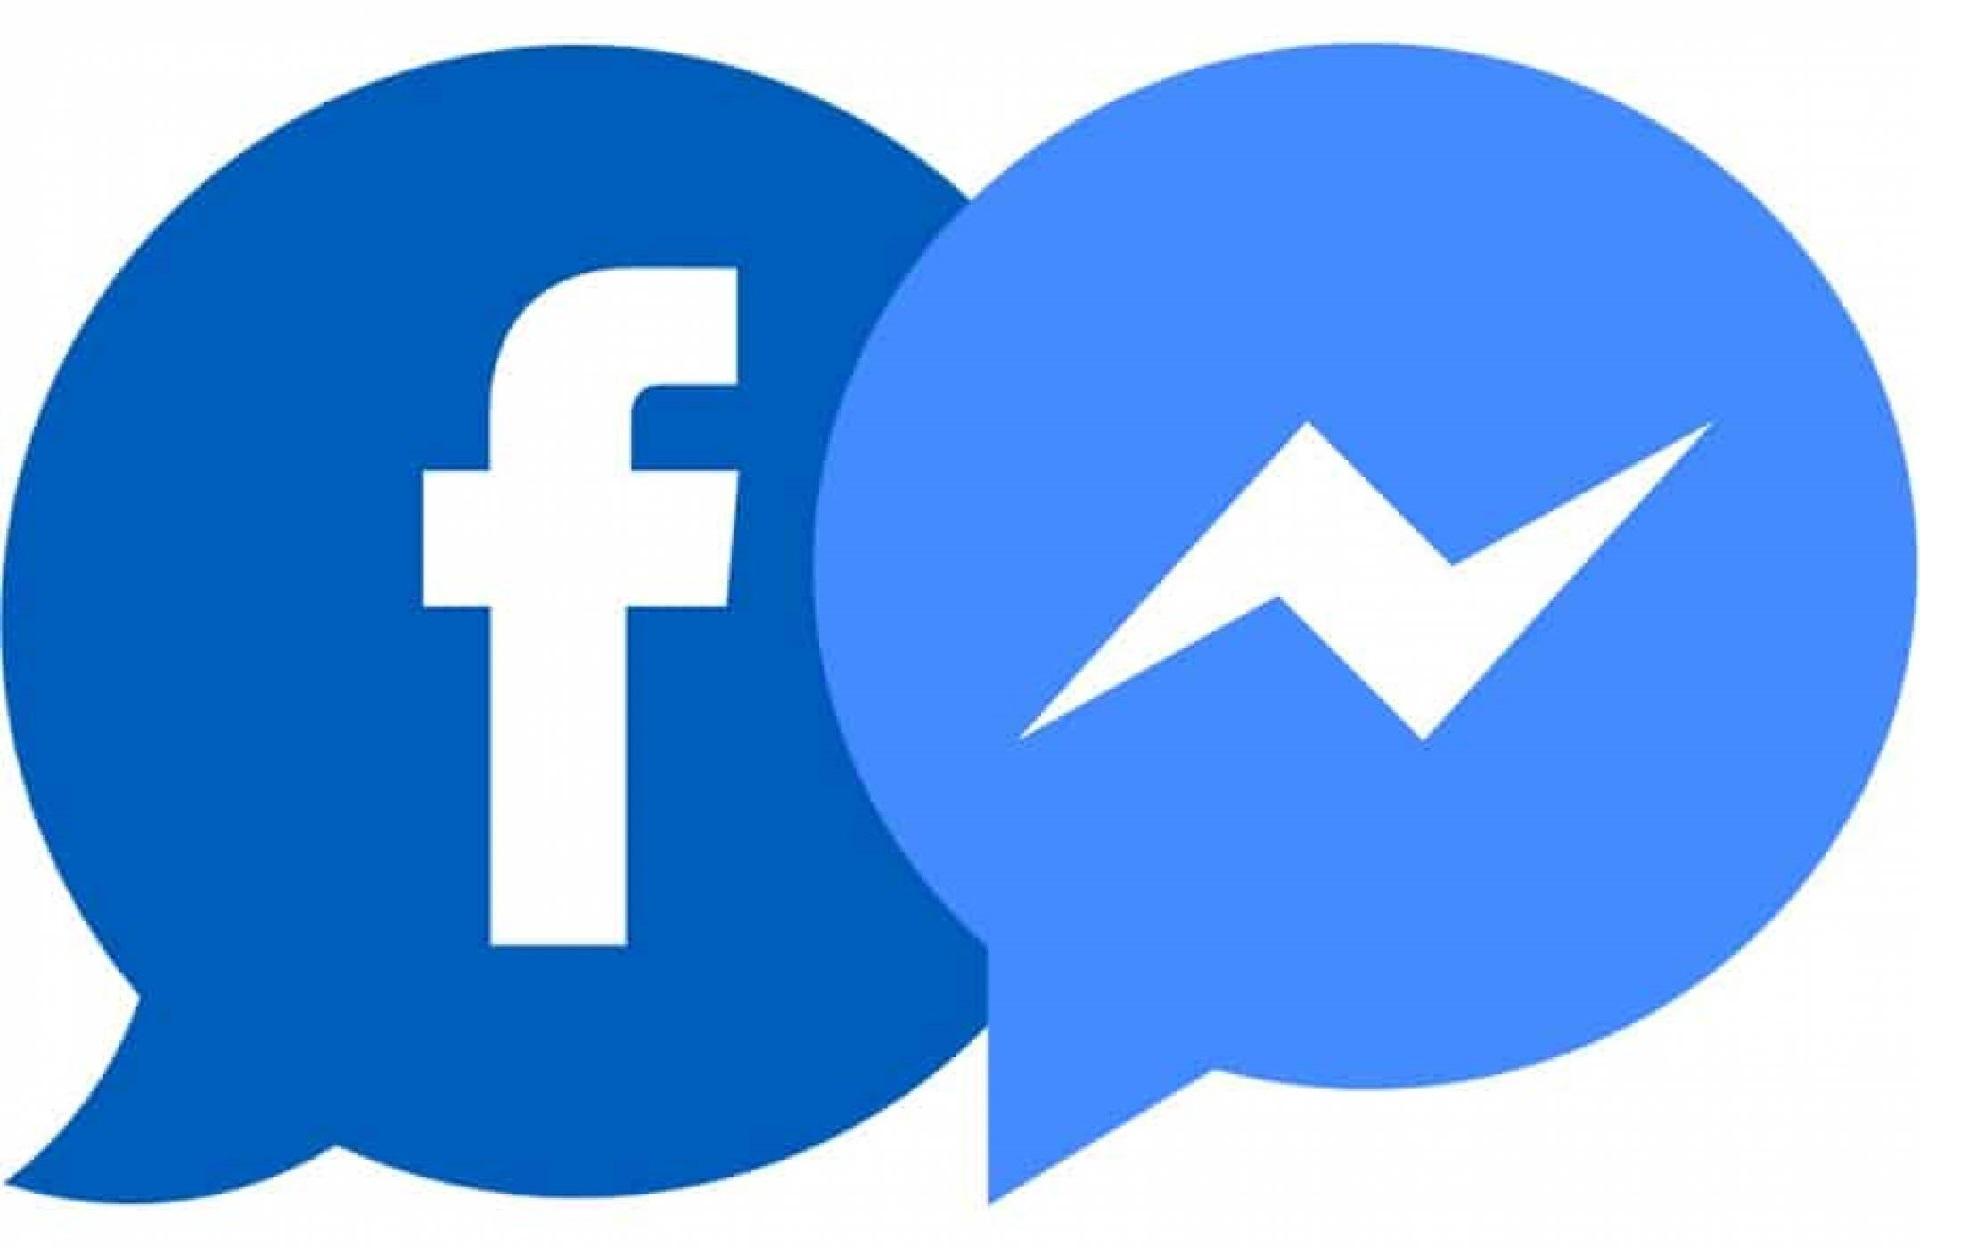 تحميل ماسنجر للكمبيوتر Facebook for PC